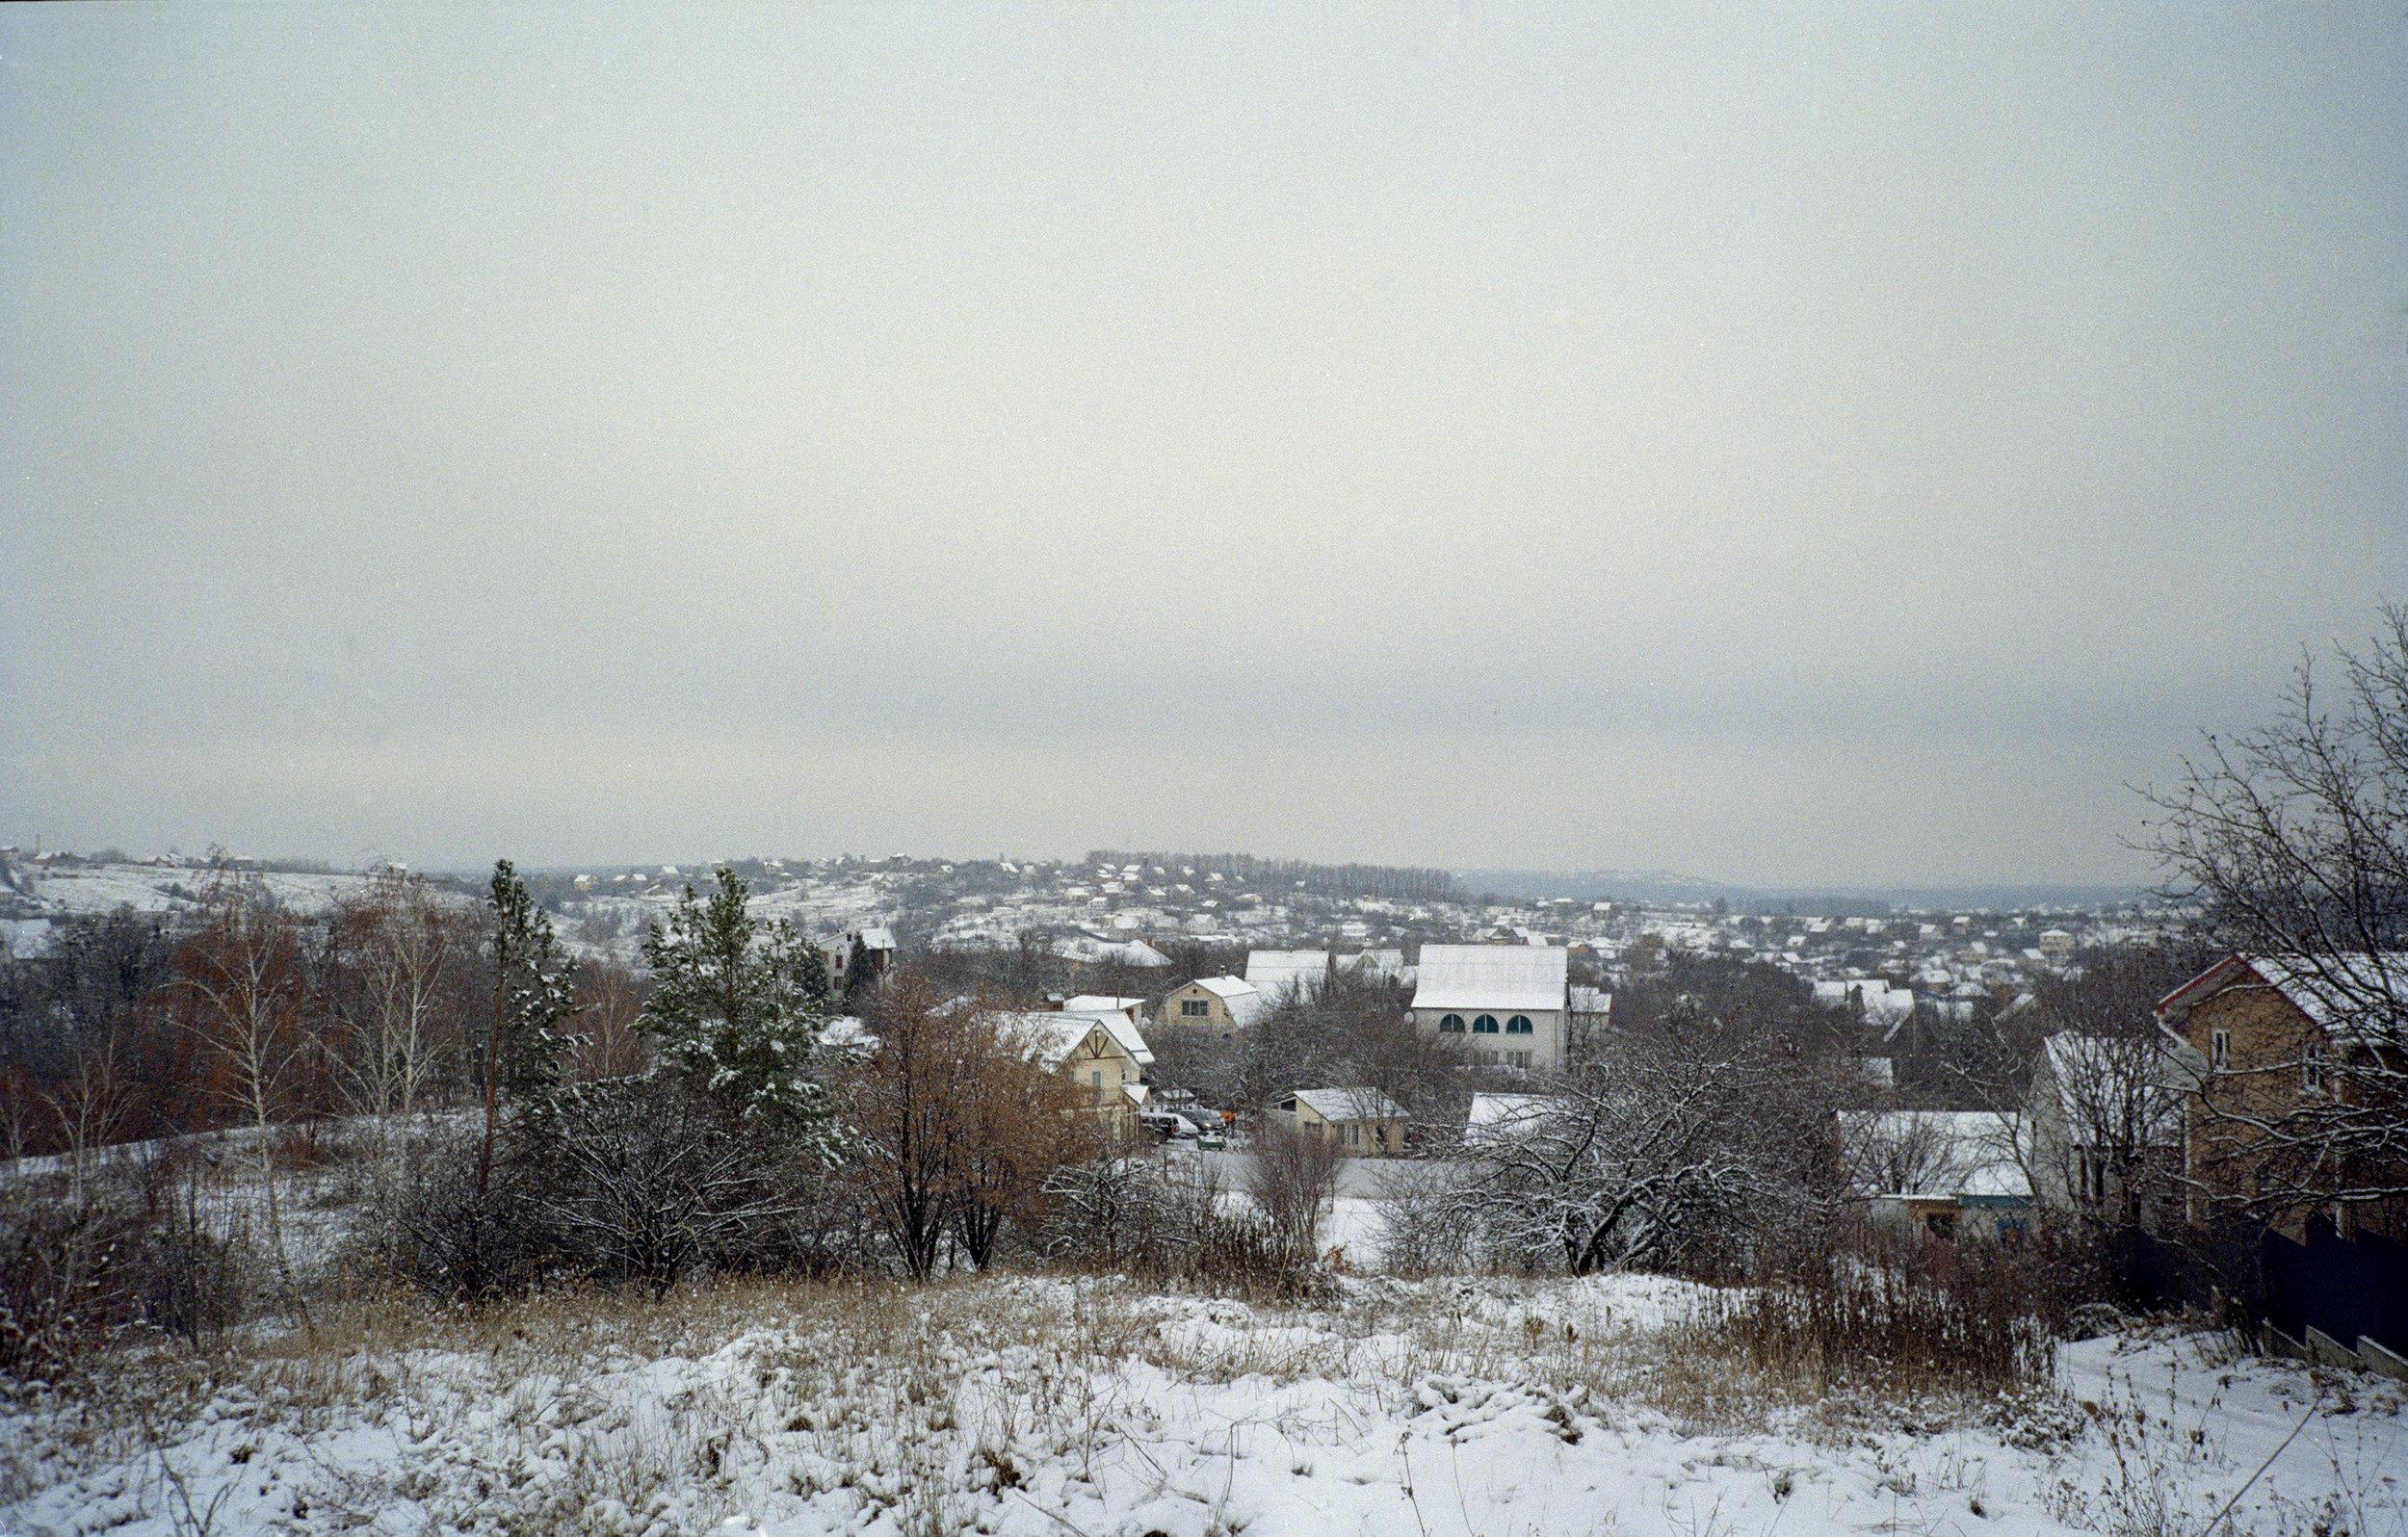 Krenychi, Kyiv Oblast